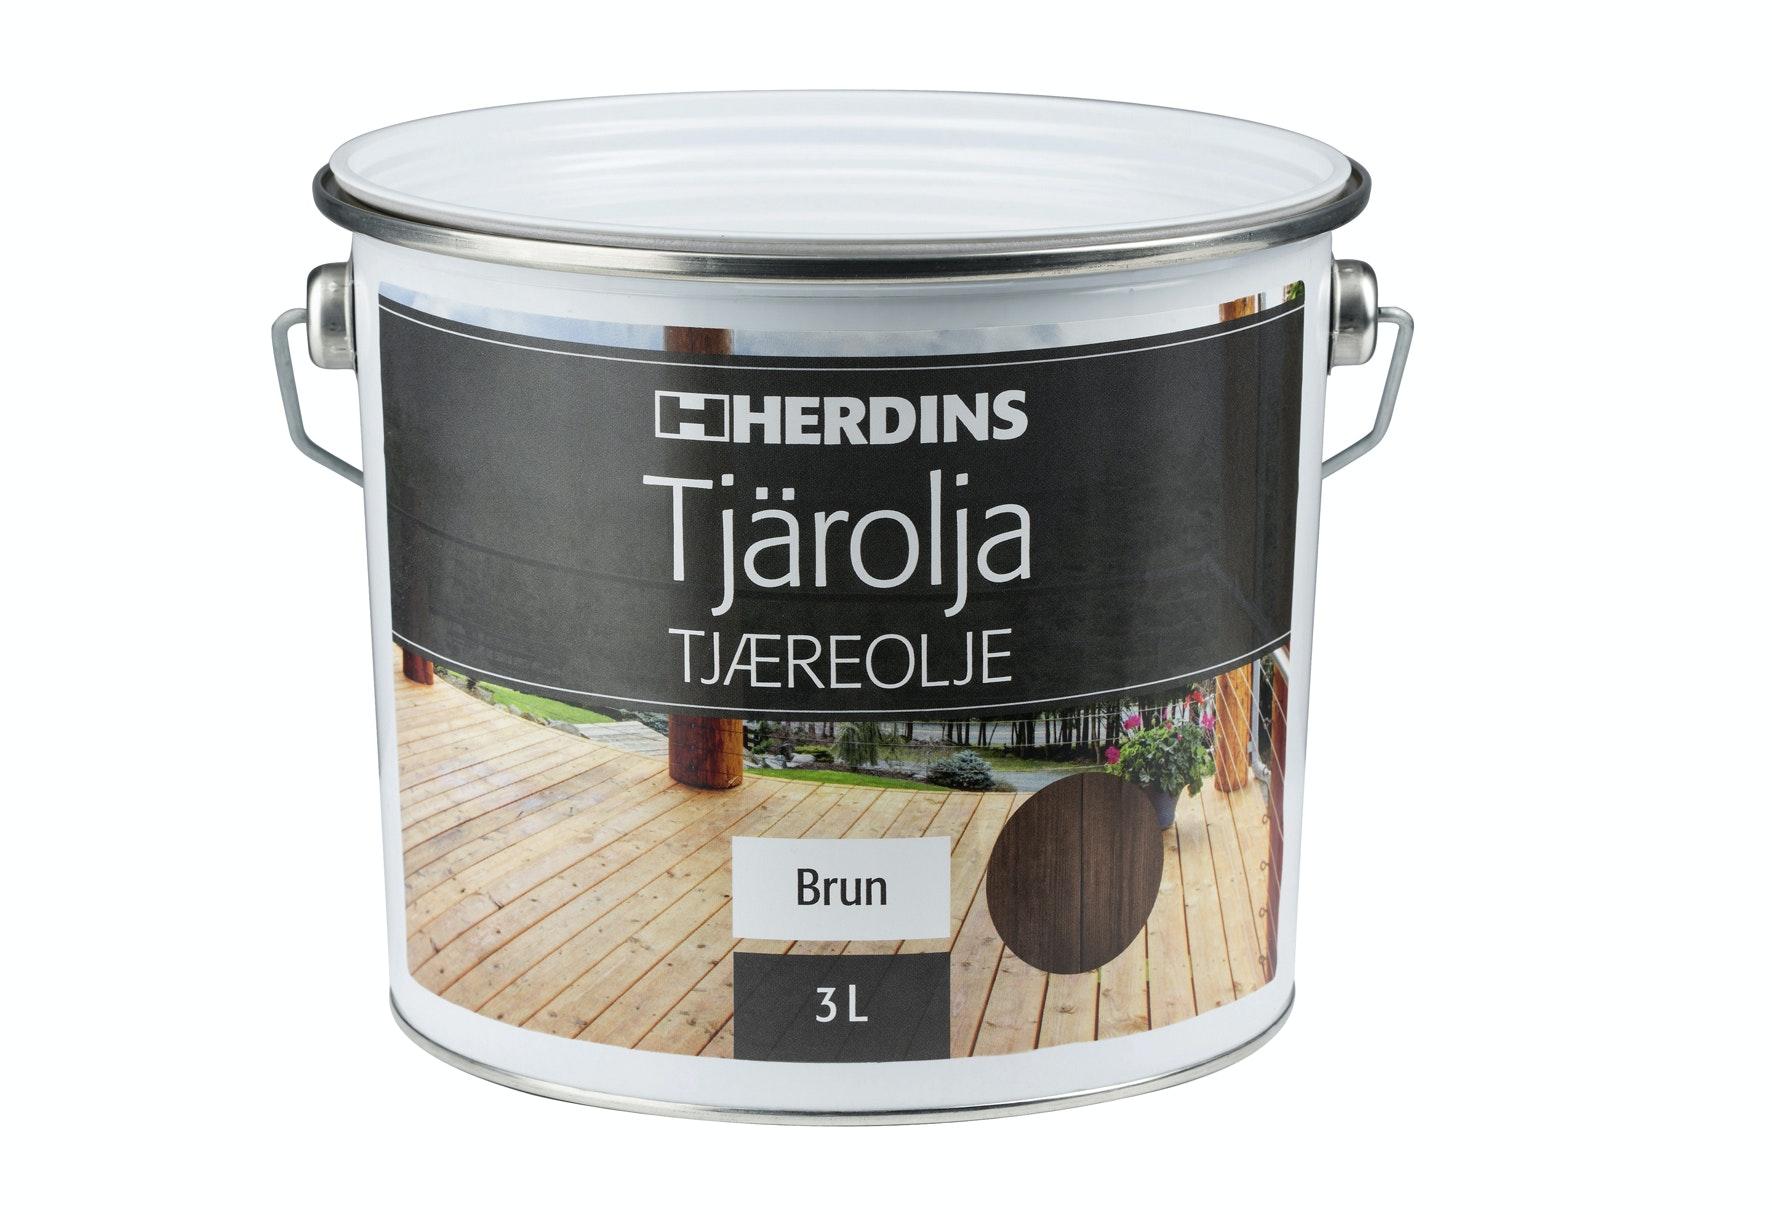 Tjärolja Herdins Brun 3l